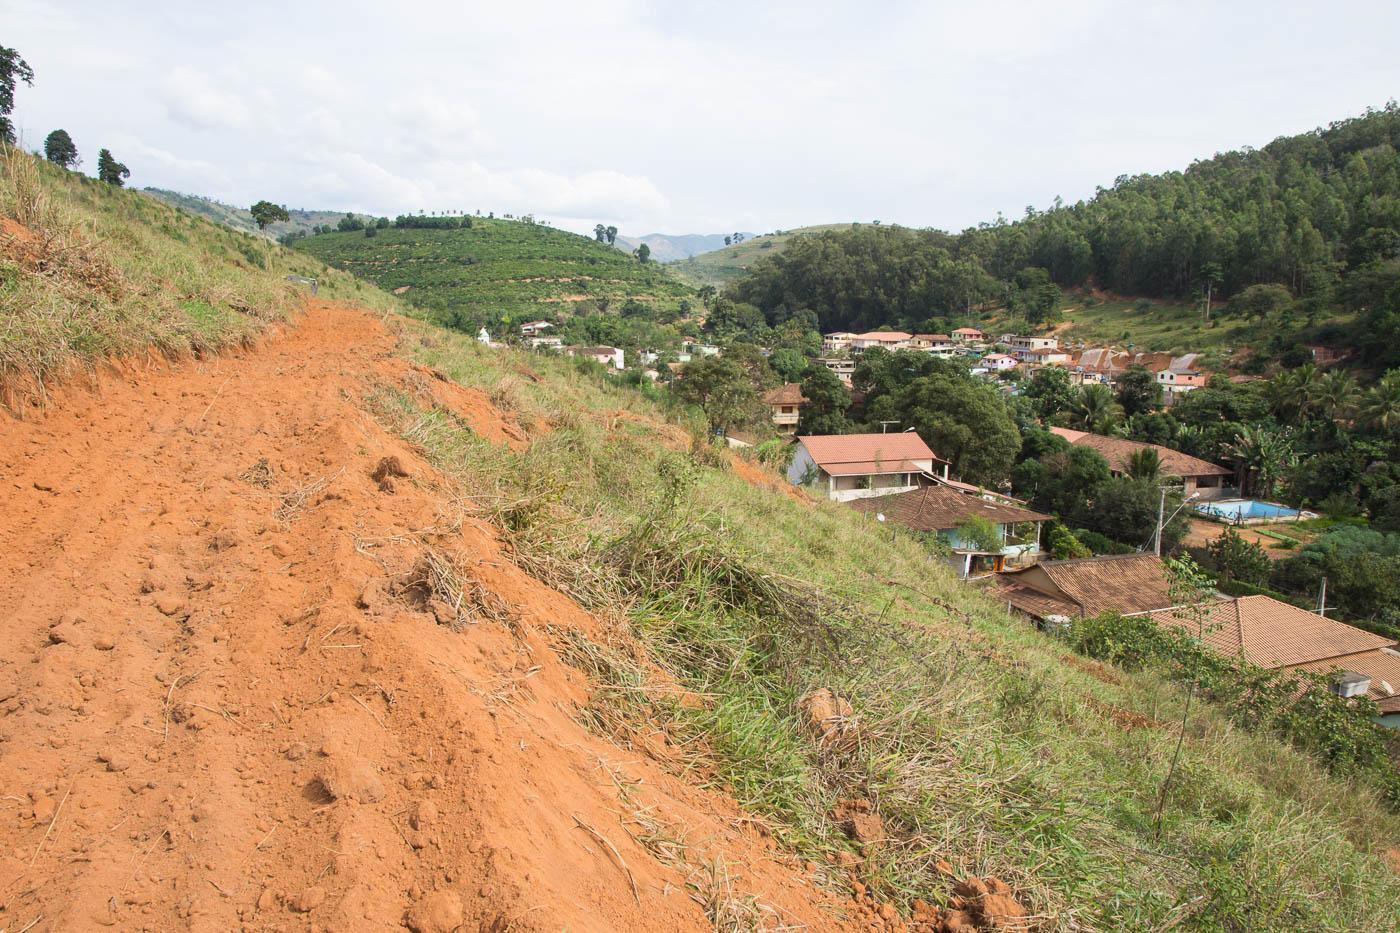 Terraceamento vai prevenir e amenizar carreamento do solo em Santa Terezinha